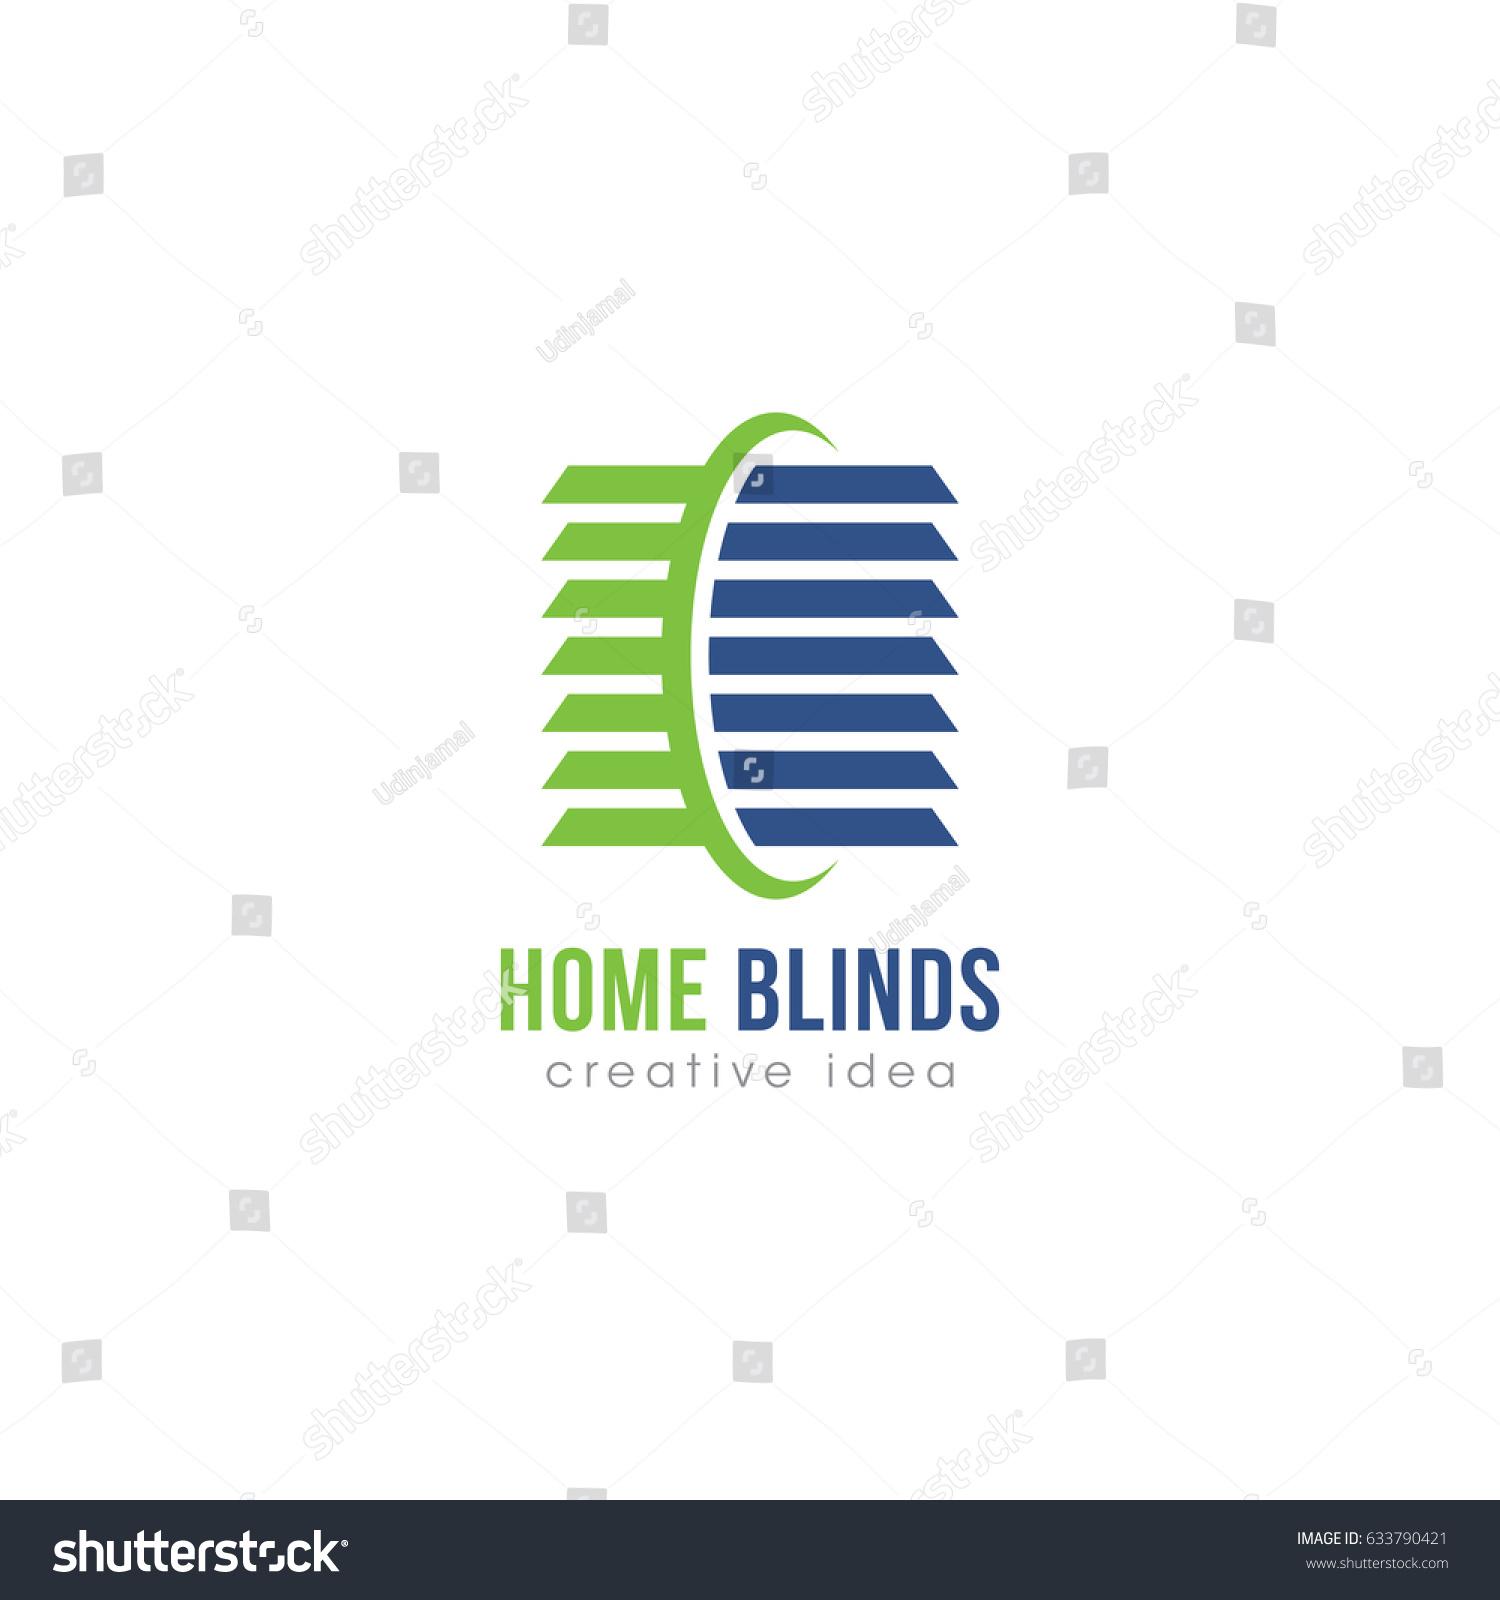 Creative Home Blinds Concept Logo Design Stock Vector Royalty Free